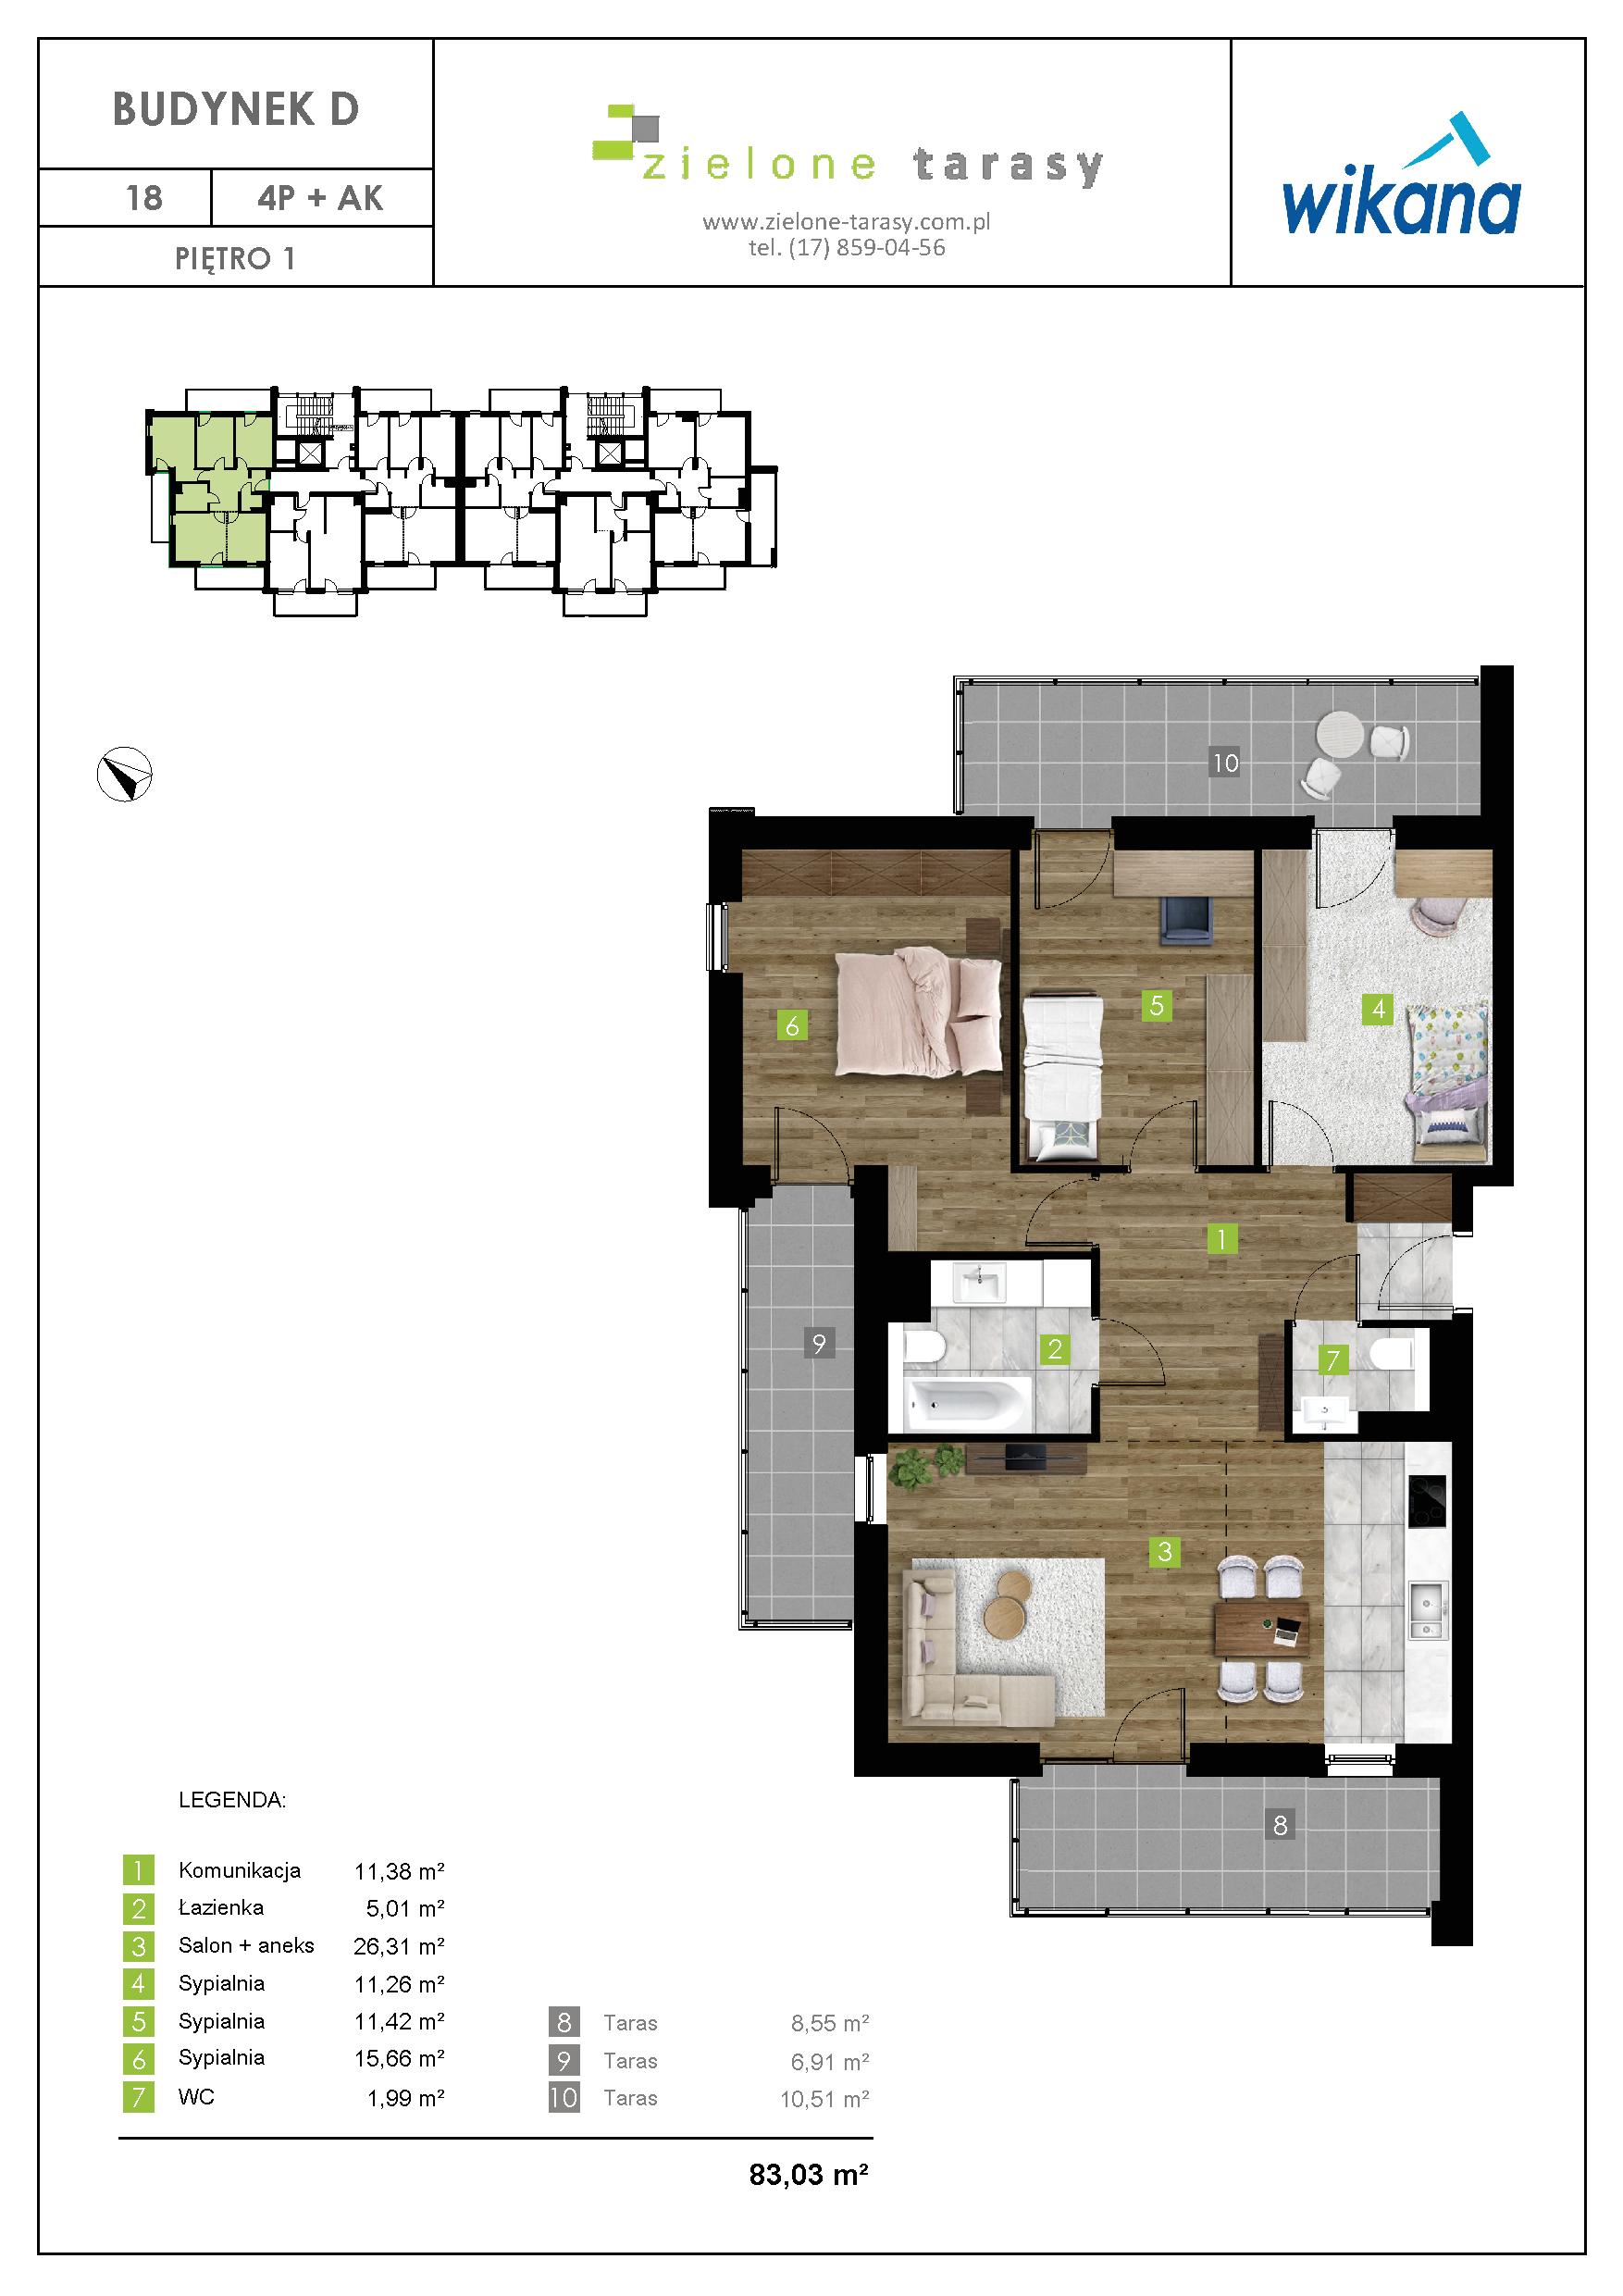 sprzedaż mieszkań rzeszów - D-18